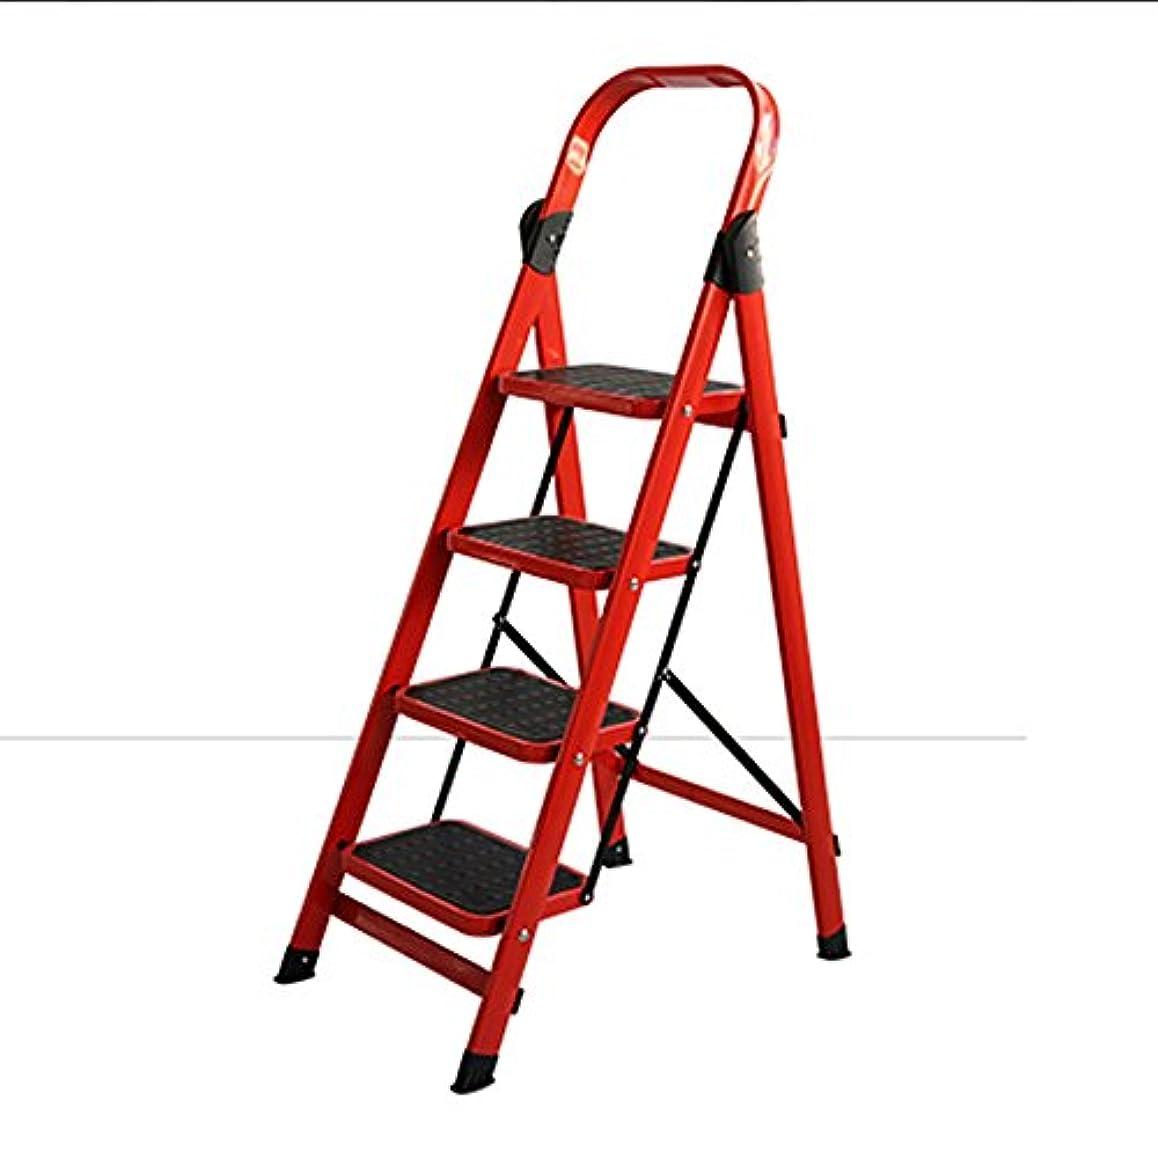 仮定するうがい忙しいZZHF tideng ステップスツールワイドニング4段ラダー厚い屋内多機能ラダーラダーエンジニアリングエスカレーターレッド (色 : Red)